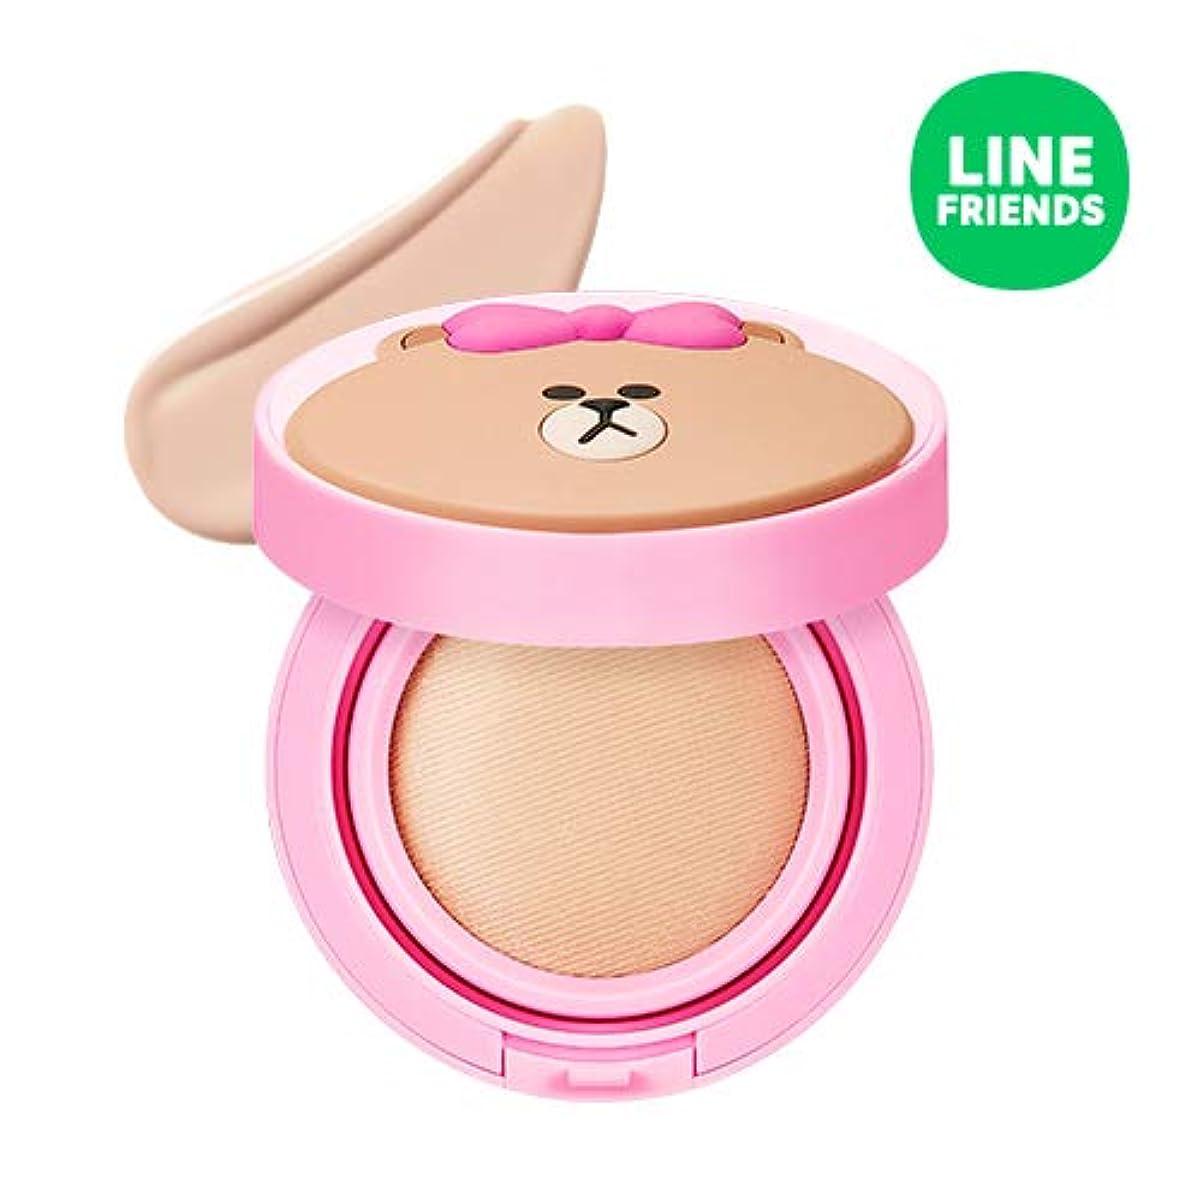 着実にワイプ証拠ミシャ(ラインフレンズ)グローテンション15g / MISSHA [Line Friends Edition] Glow Tension SPF50 PA+++ #Fair(Pink tone No.21) [並行輸入品]